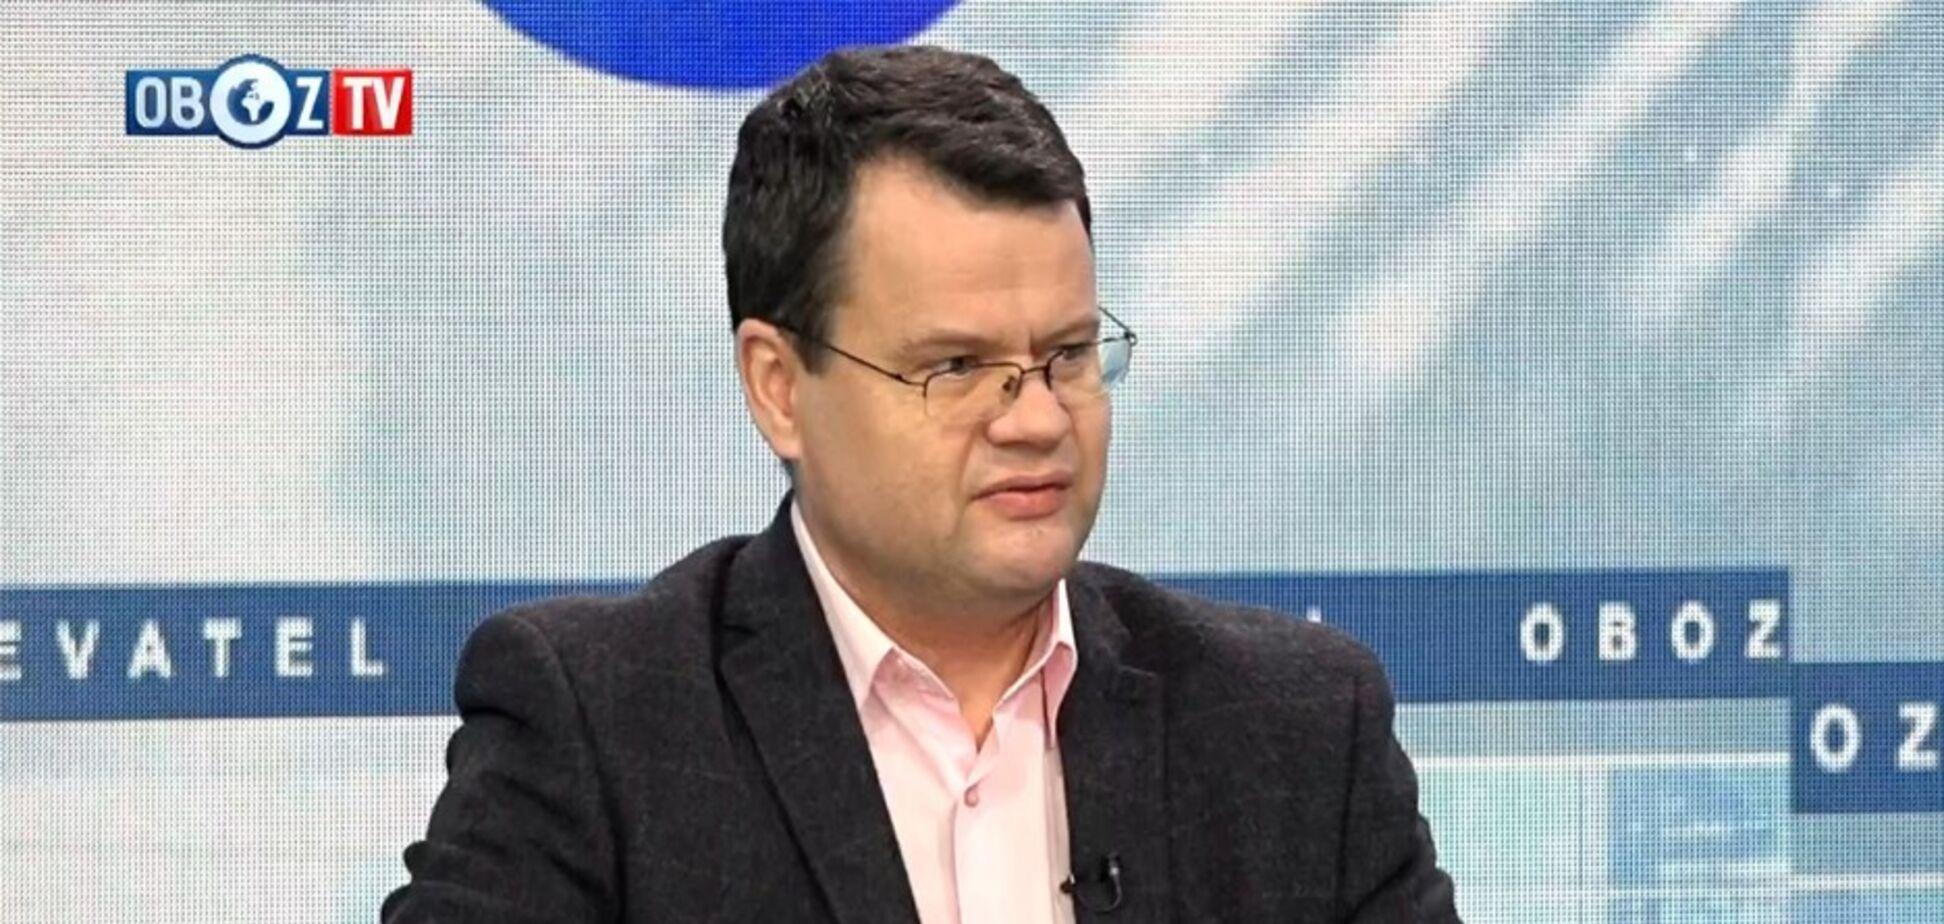 Форум в Давосе – это тусовка мультимиллионеров: экономист